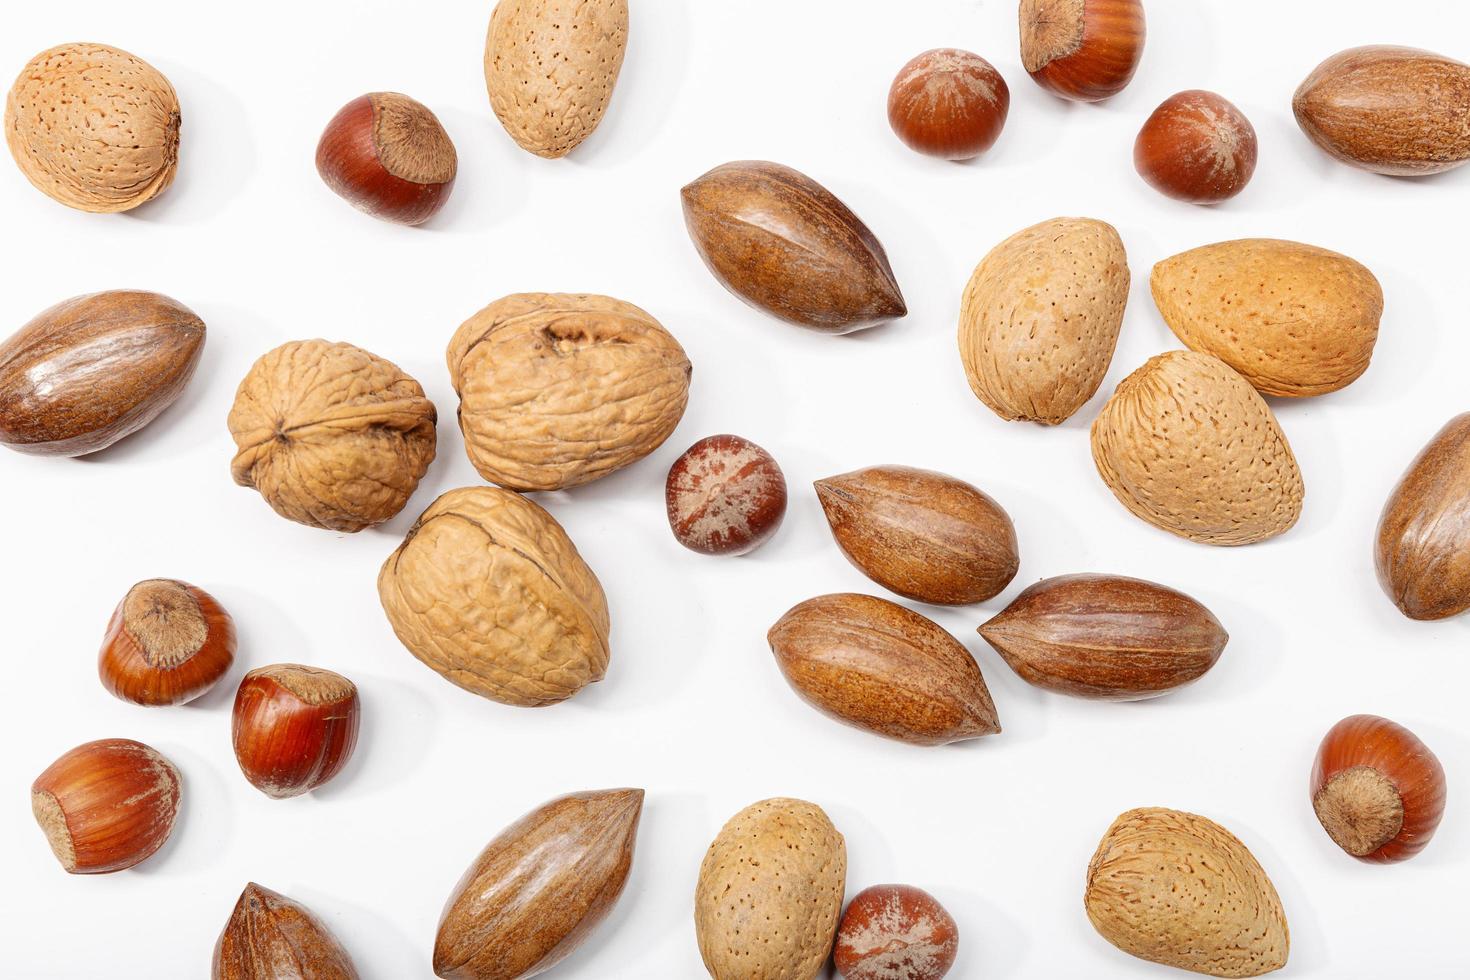 une variété de noix sur fond blanc photo